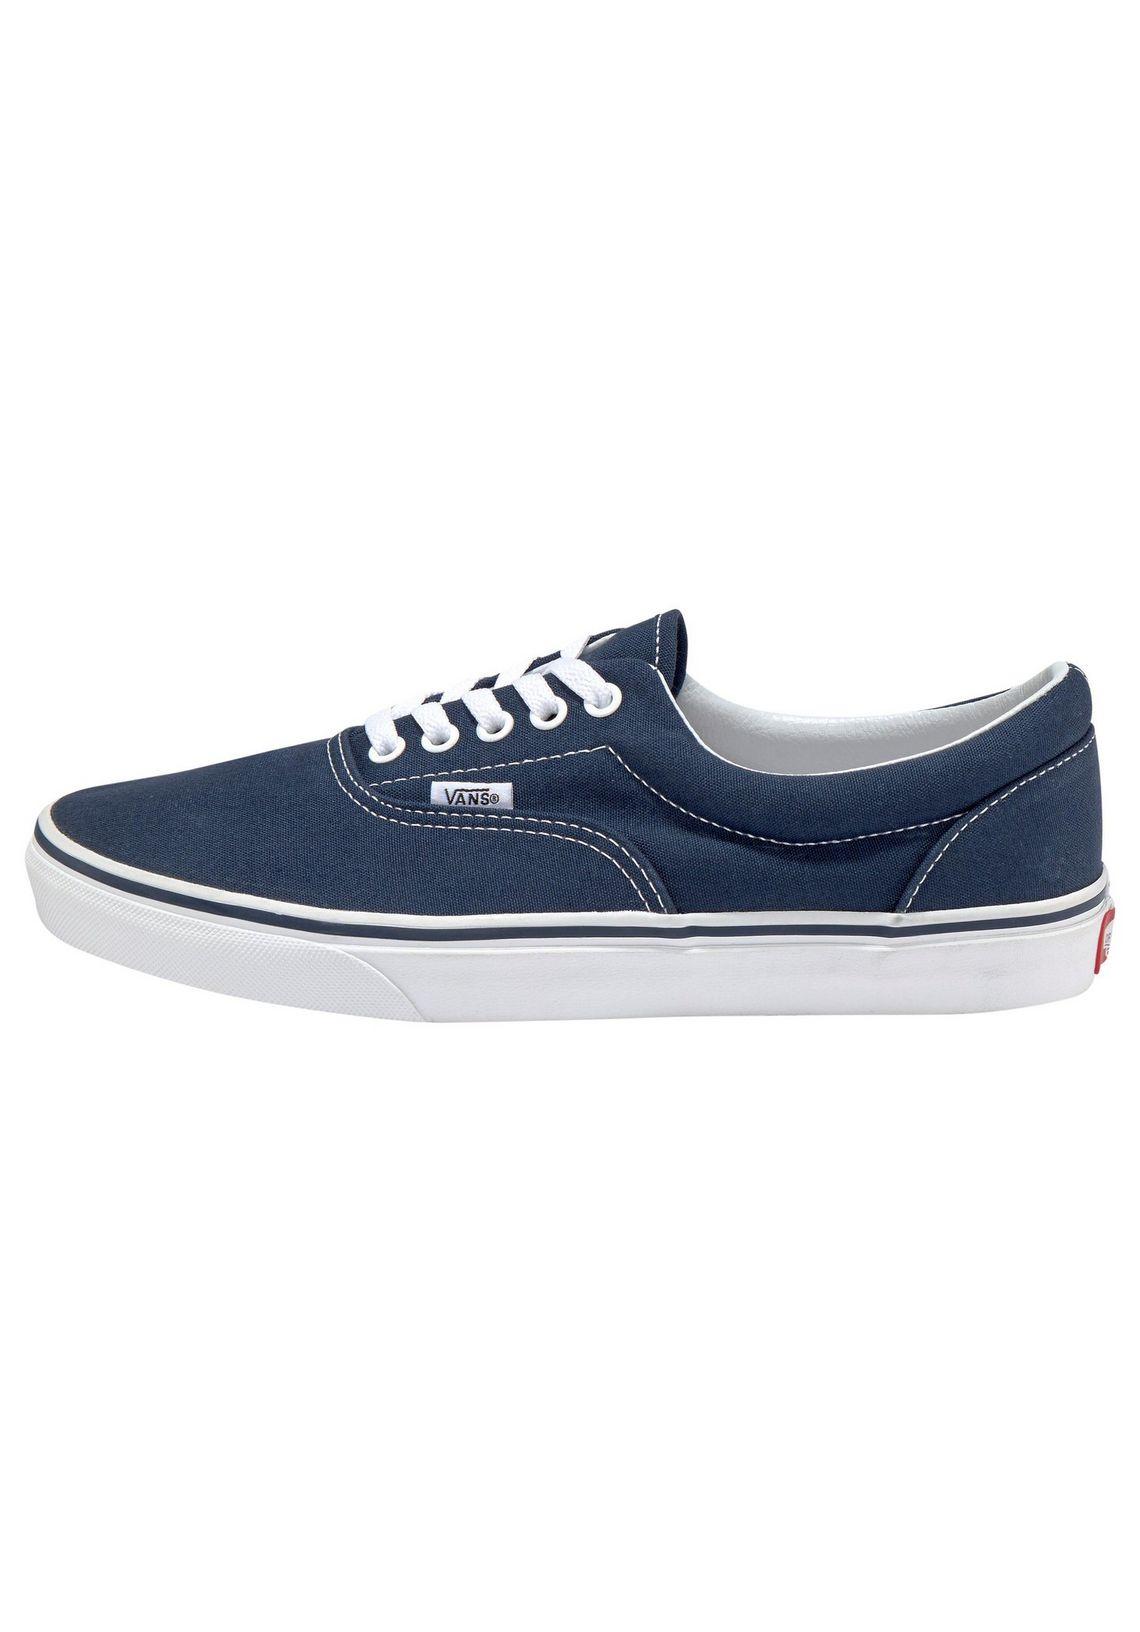 Vans sneakers  Era online bestellen  navy/wit